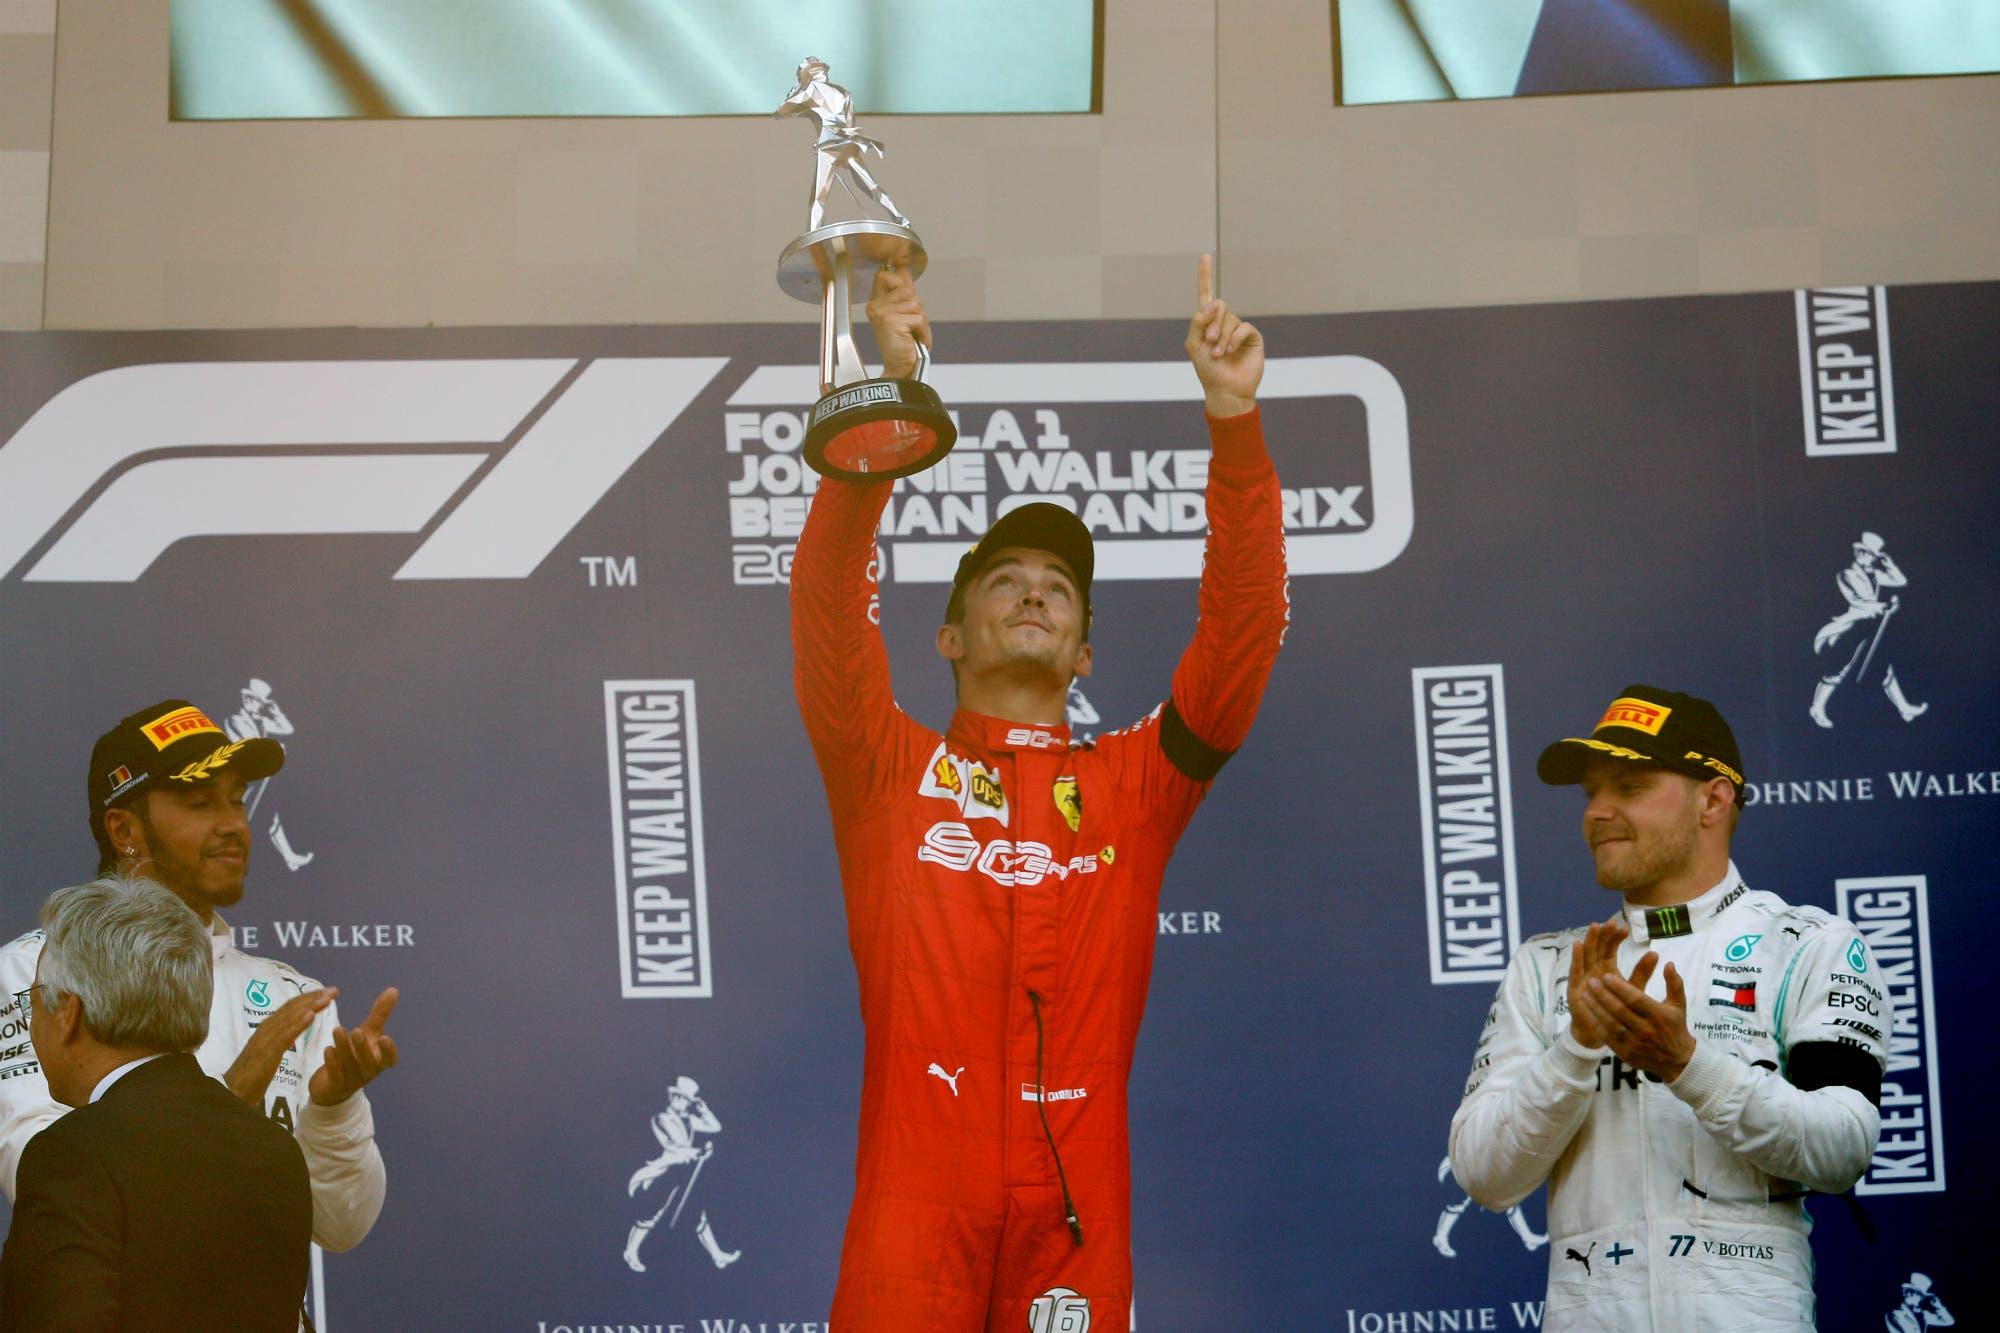 Fórmula 1: la historia de Charles Leclerc, el piloto de Ferrari marcado por la tragedia